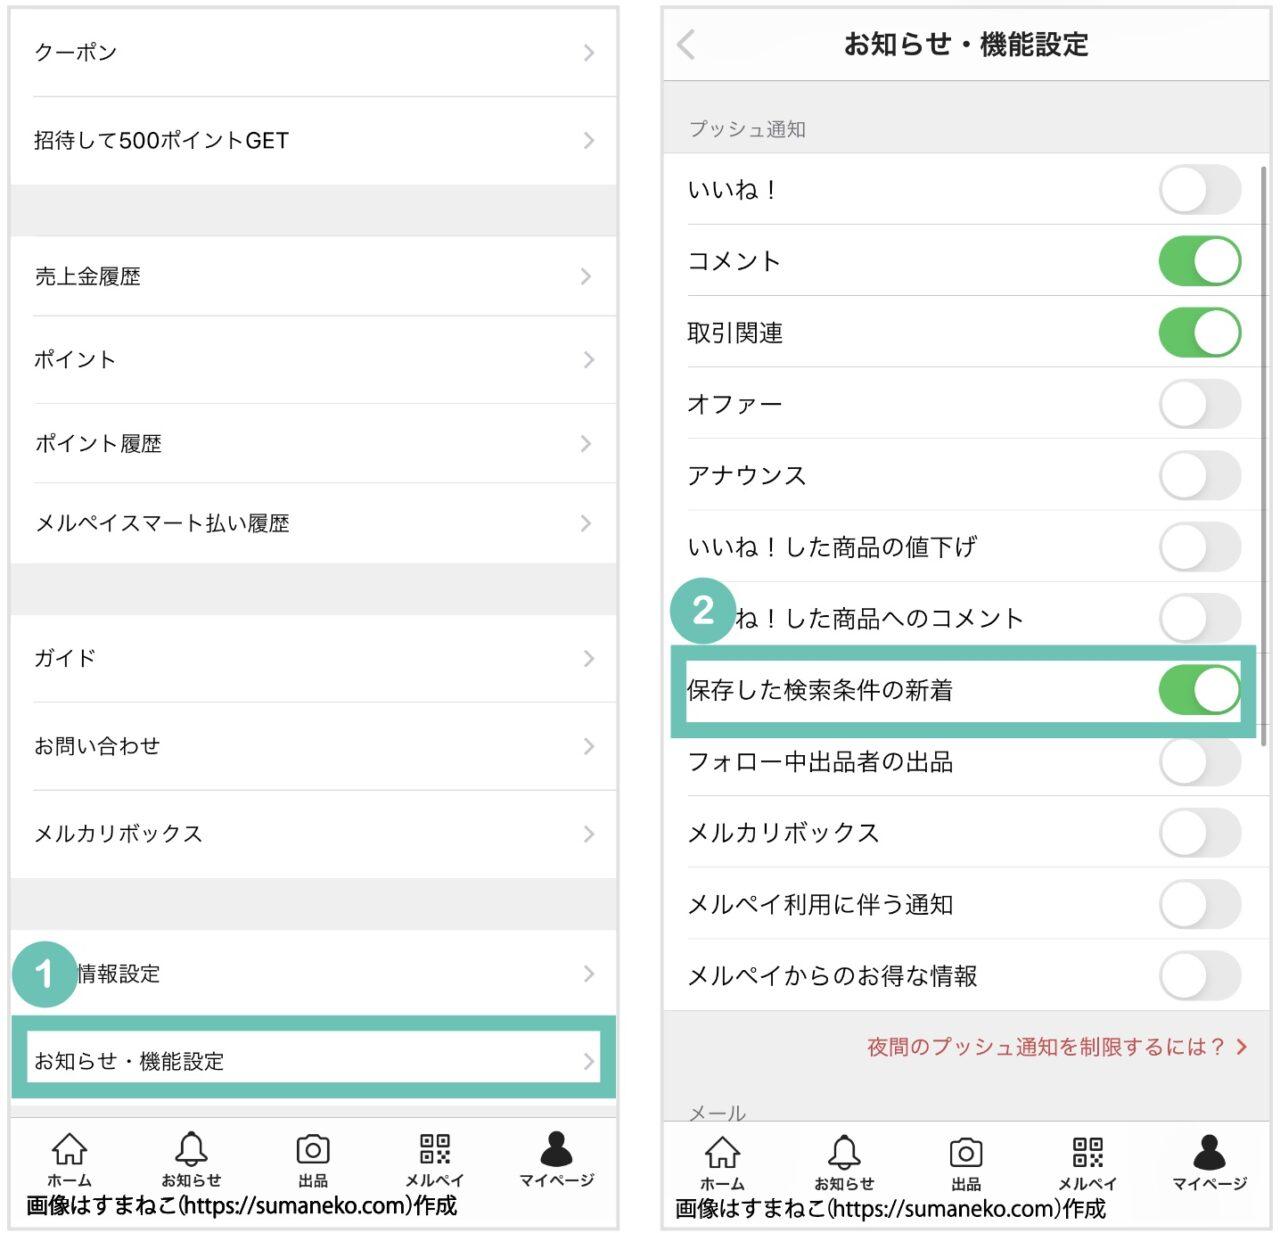 メルカリの「お知らせ・機能設定」で「保存した検索条件の新着」を設定する画面